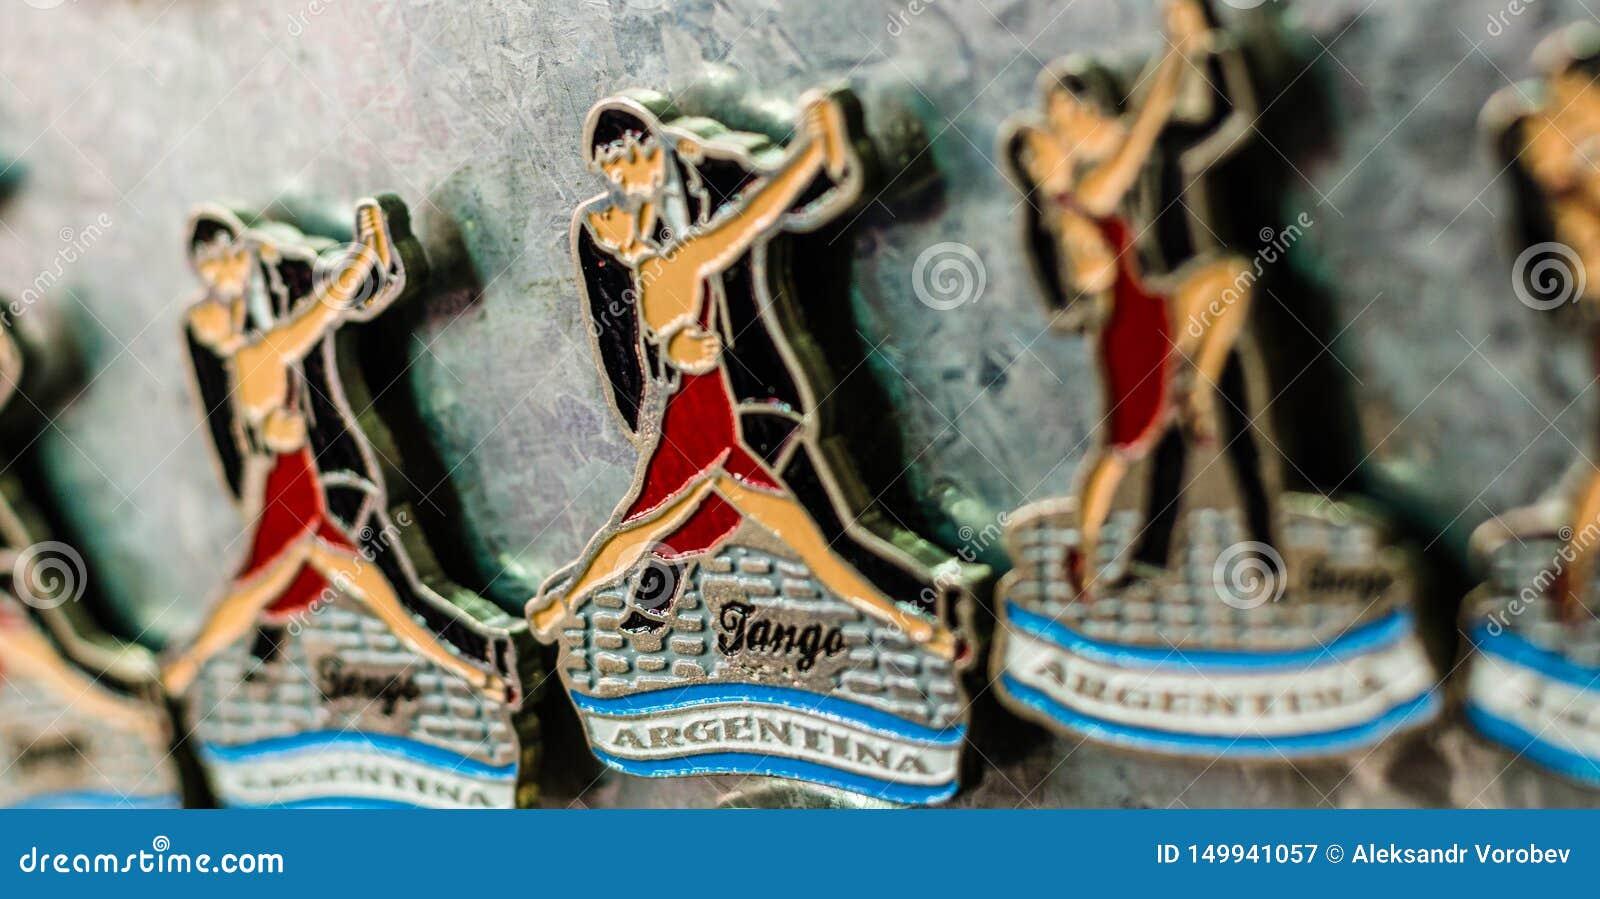 Aimants de r?frig?rateur avec les danseurs traditionnels de tango ? une foire de week-end ? Buenos Aires